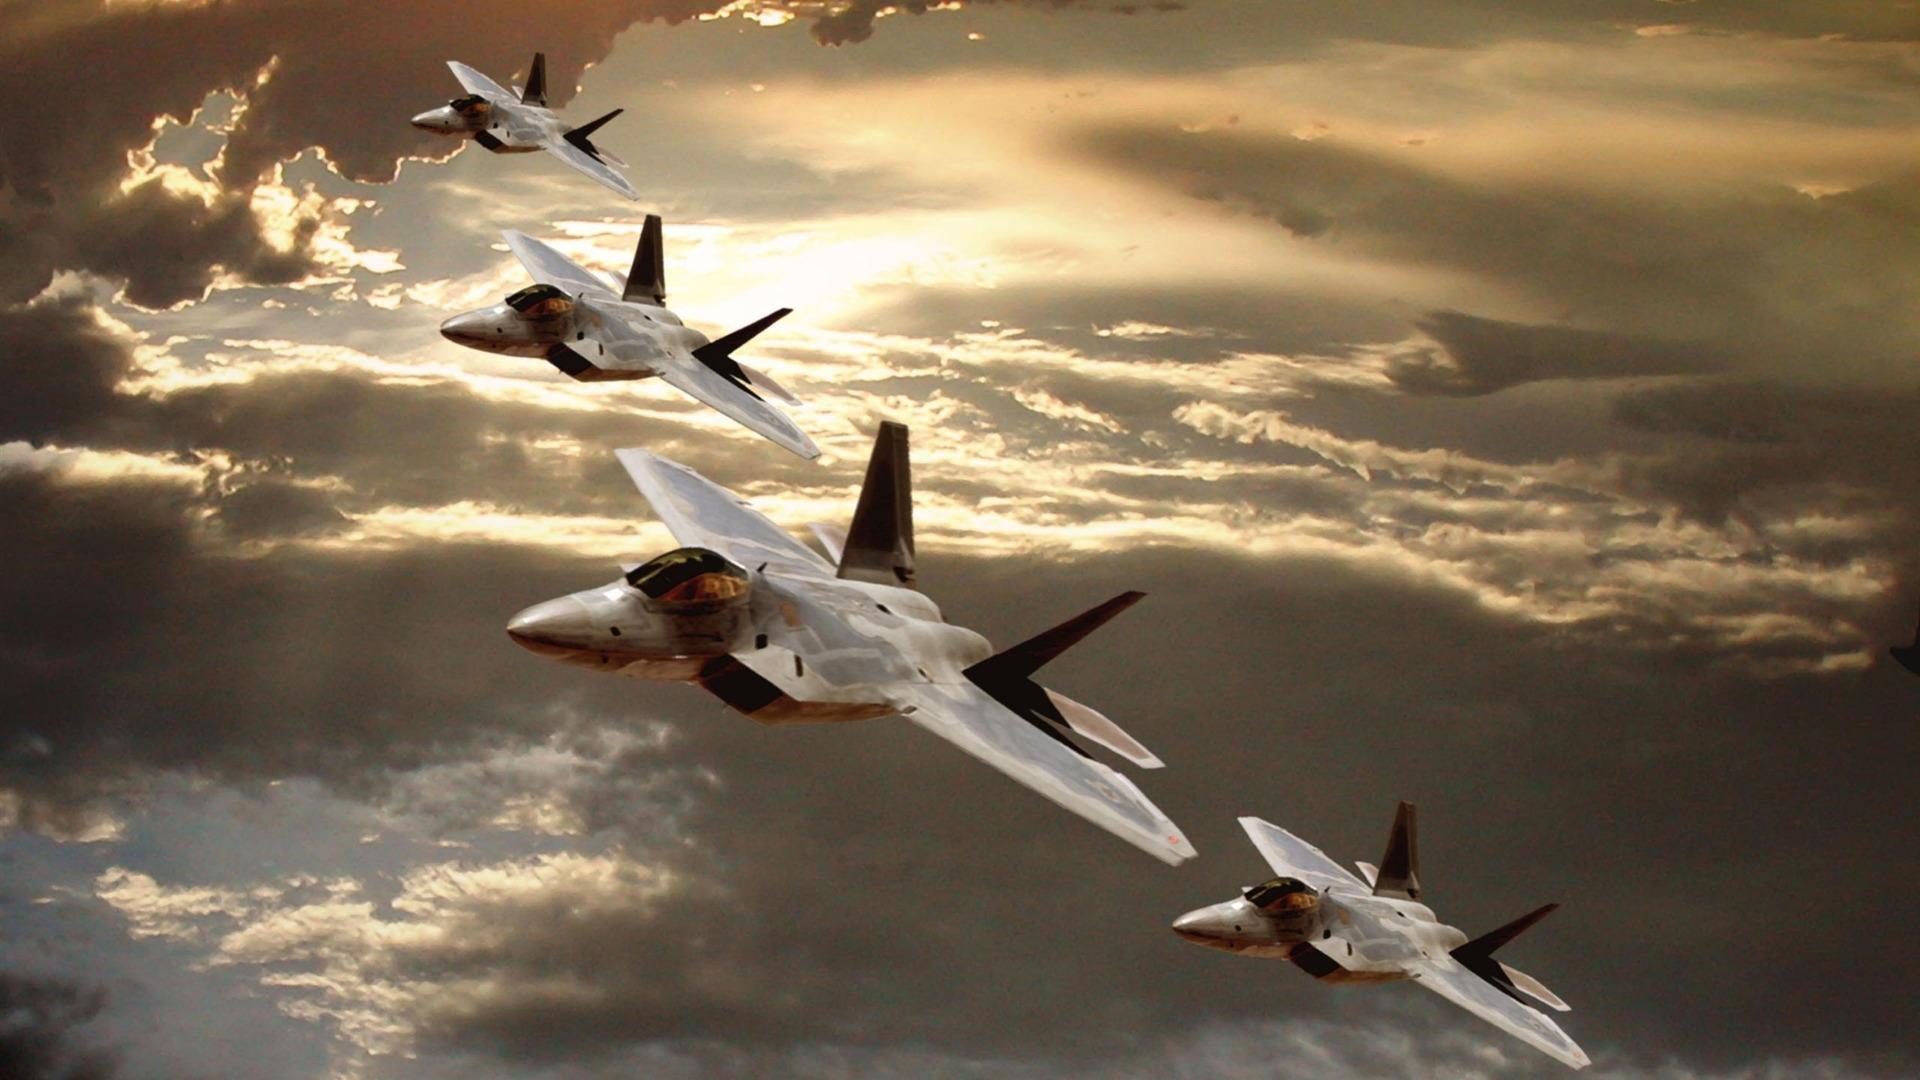 22 Raptor Aircraft Military aircraft wallpaper   1920x1080 wallpaper 1920x1080